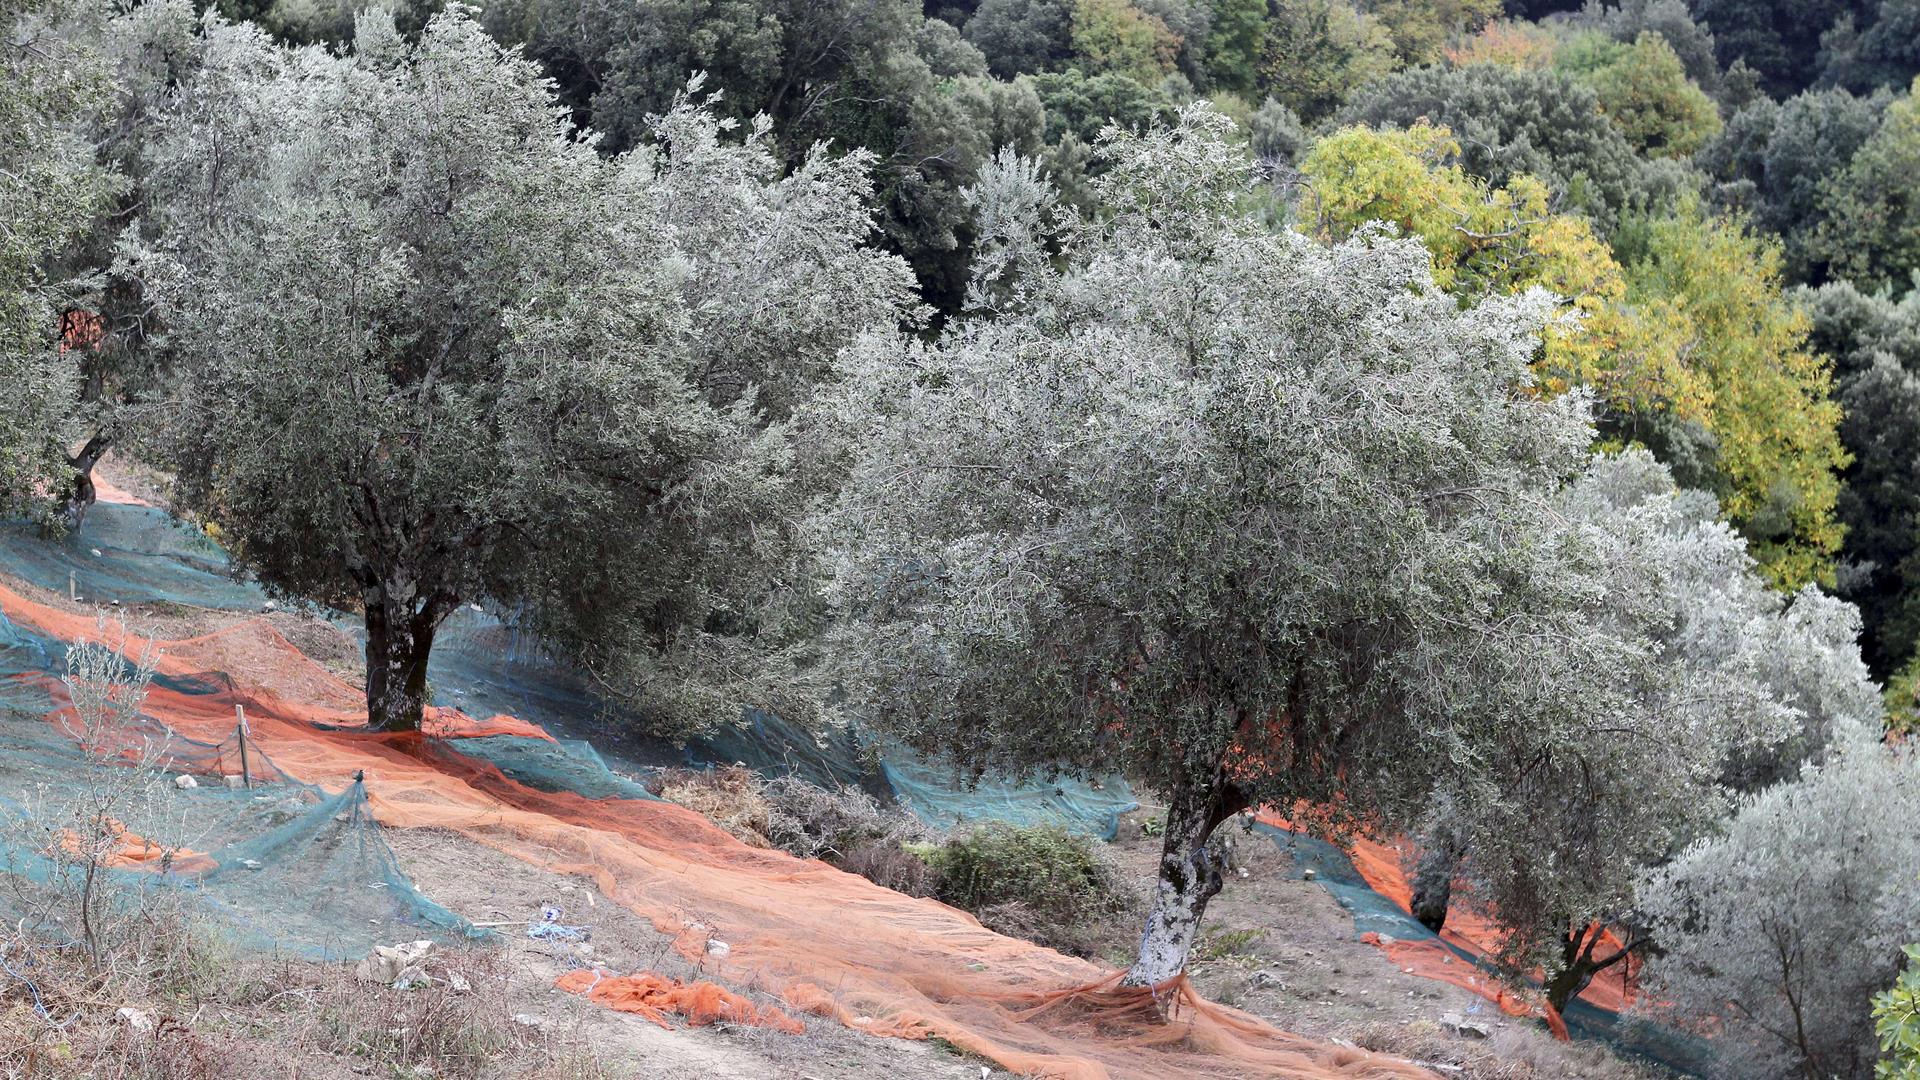 Associazioni e comitati si alleano: «Basta con la distruzione degli ulivi in Puglia e con la diffusione selvaggia di pesticidi»